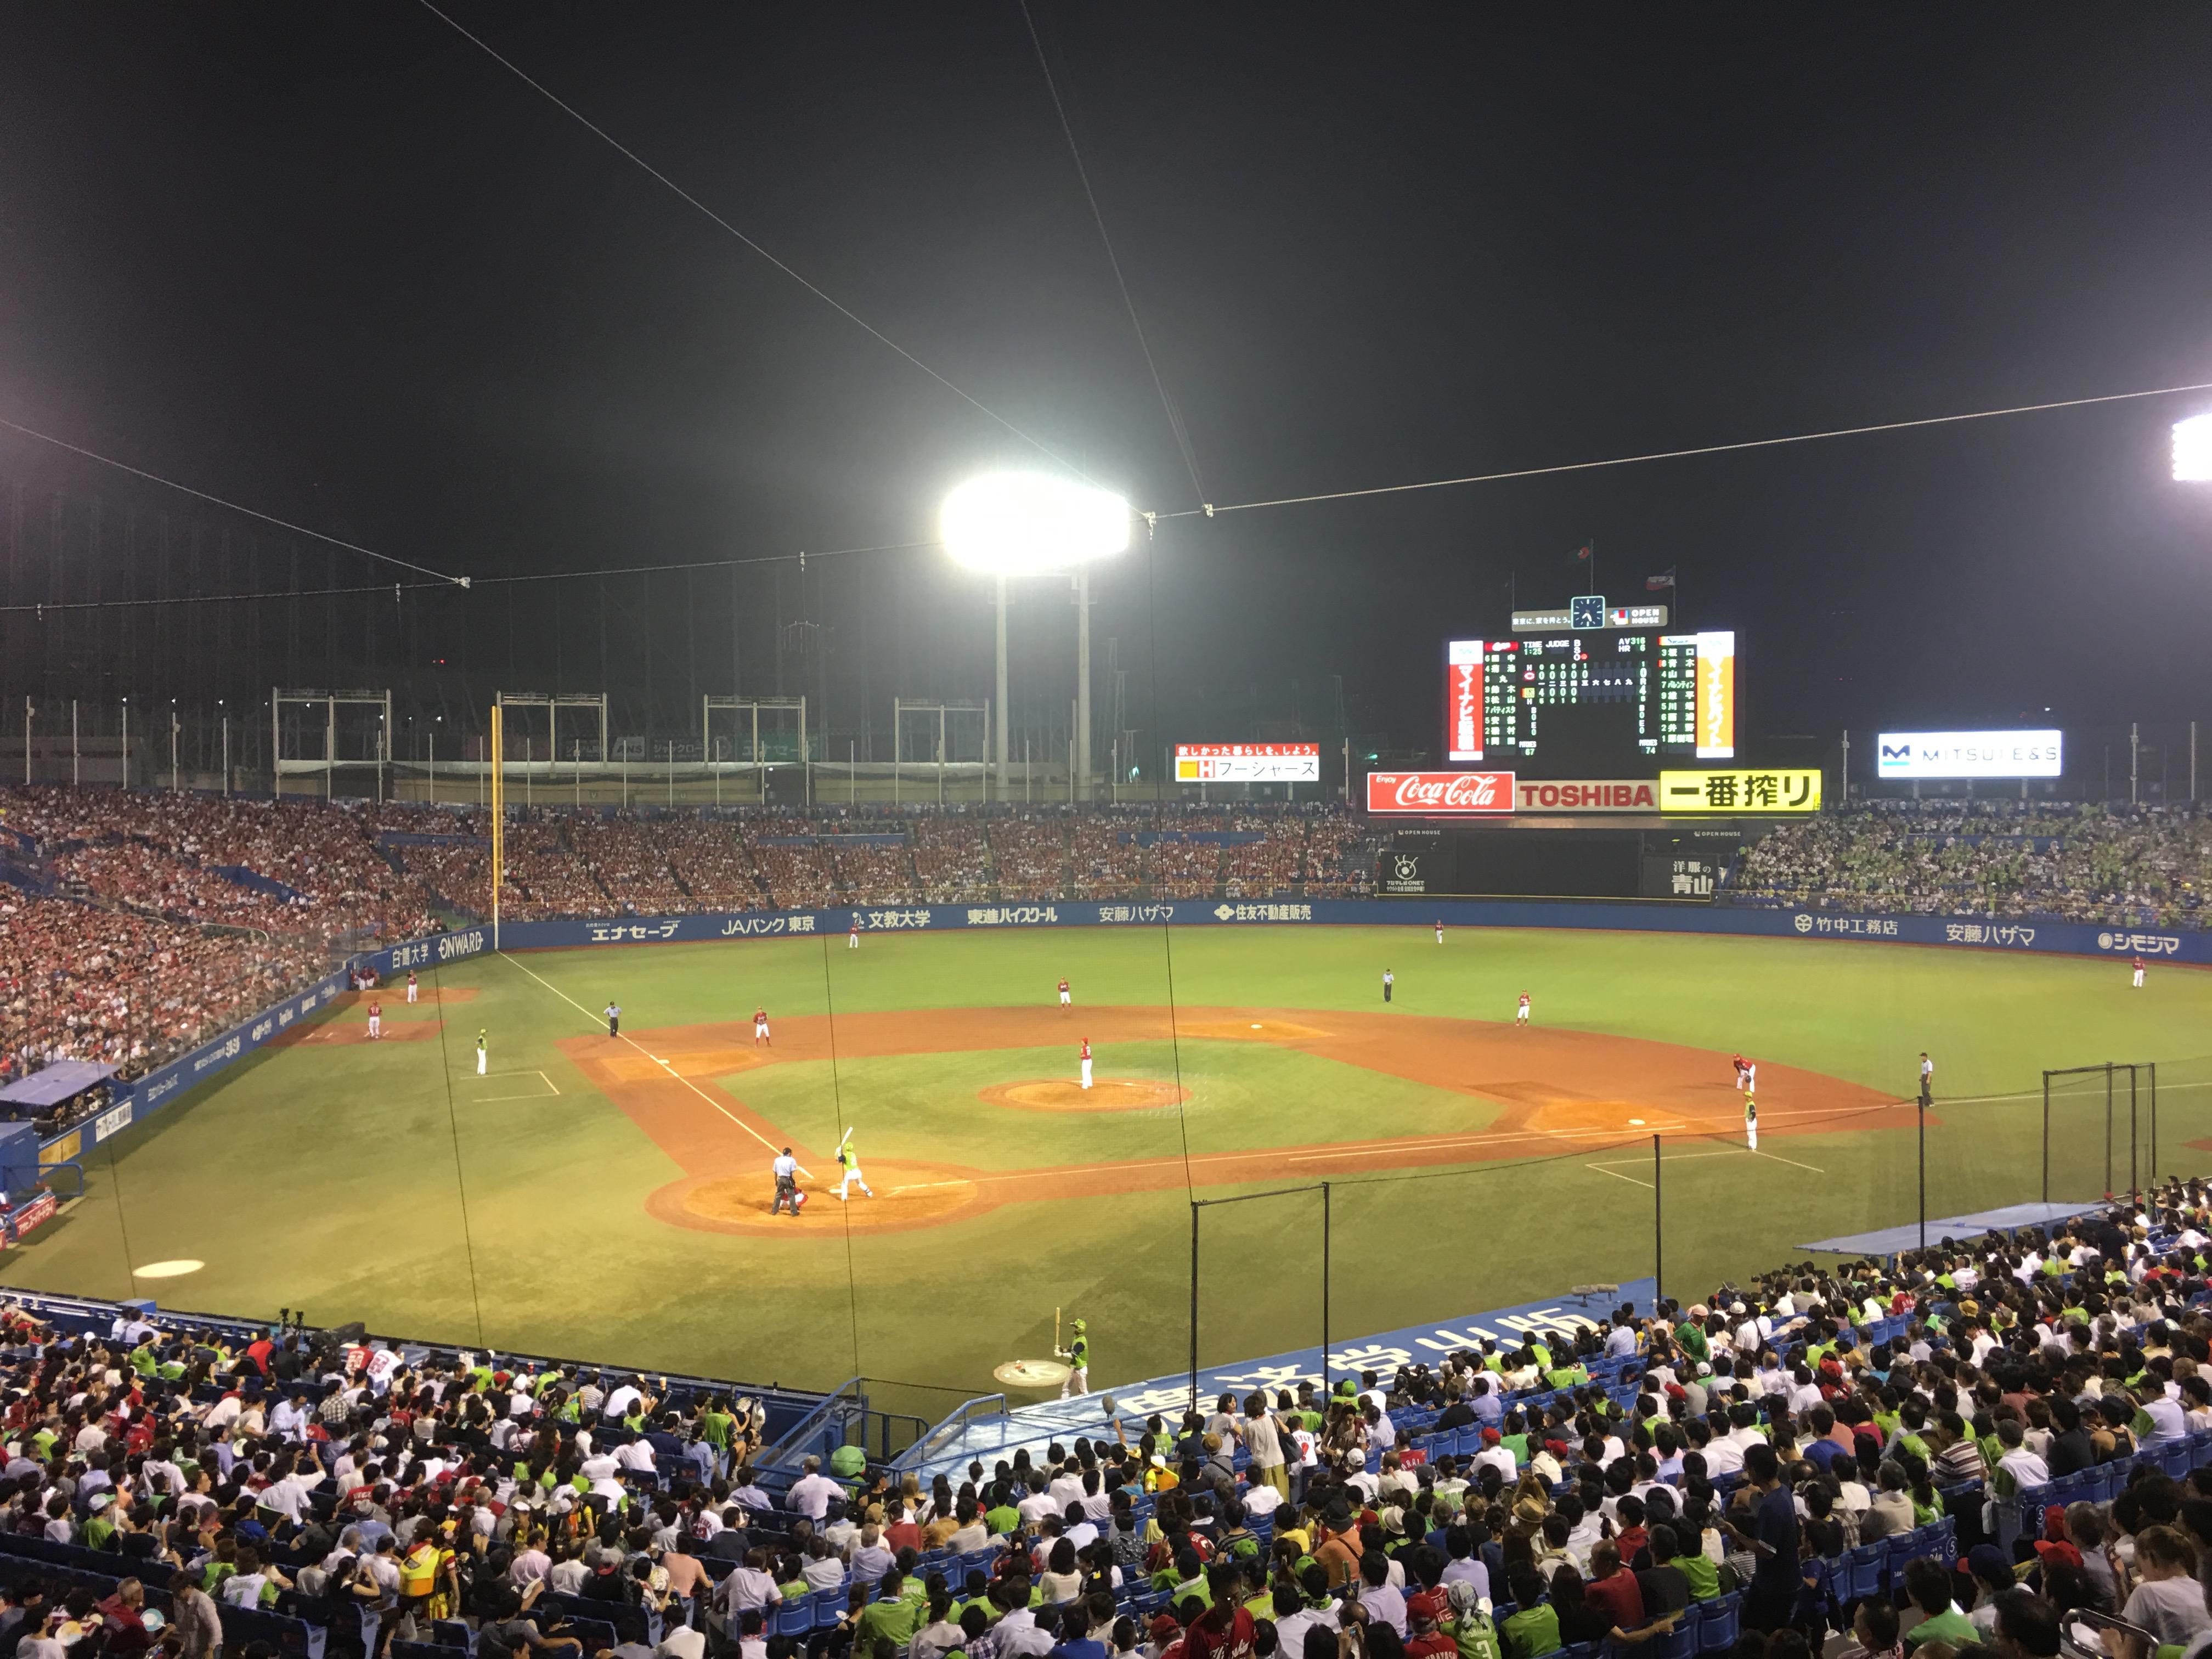 第一回「ドミニカン・ソフトボール」の開催決定!(¡Organizamos primero partido de juegos de softball!)